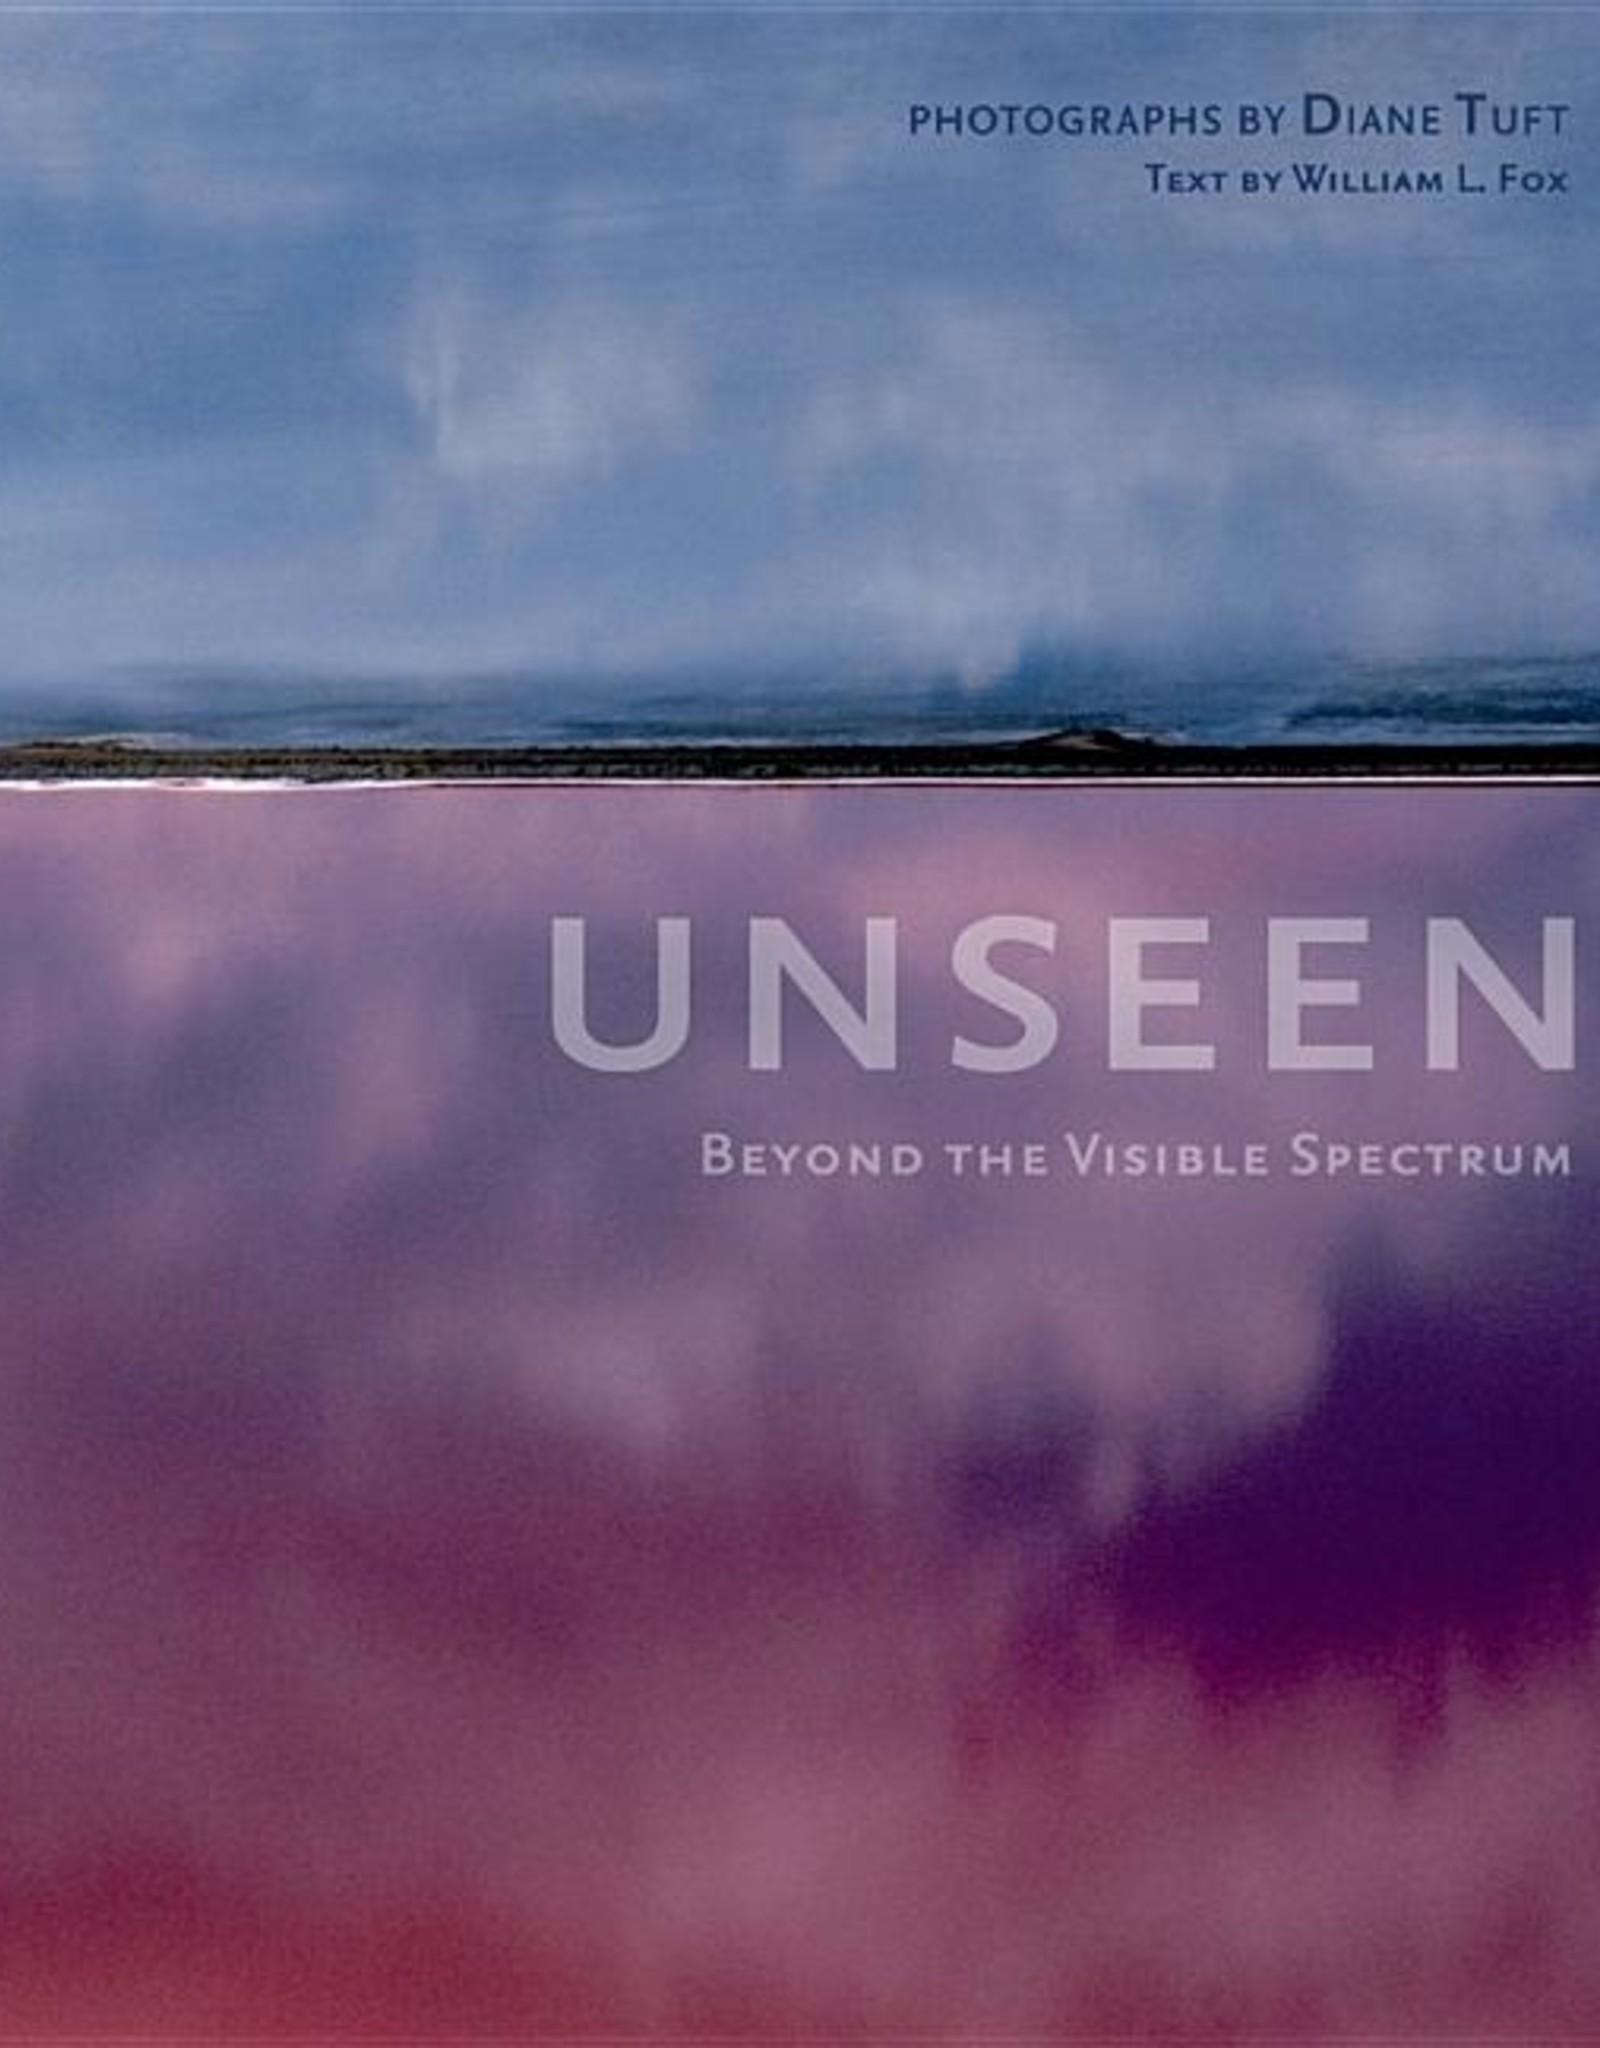 Unseen / Diane Tuft